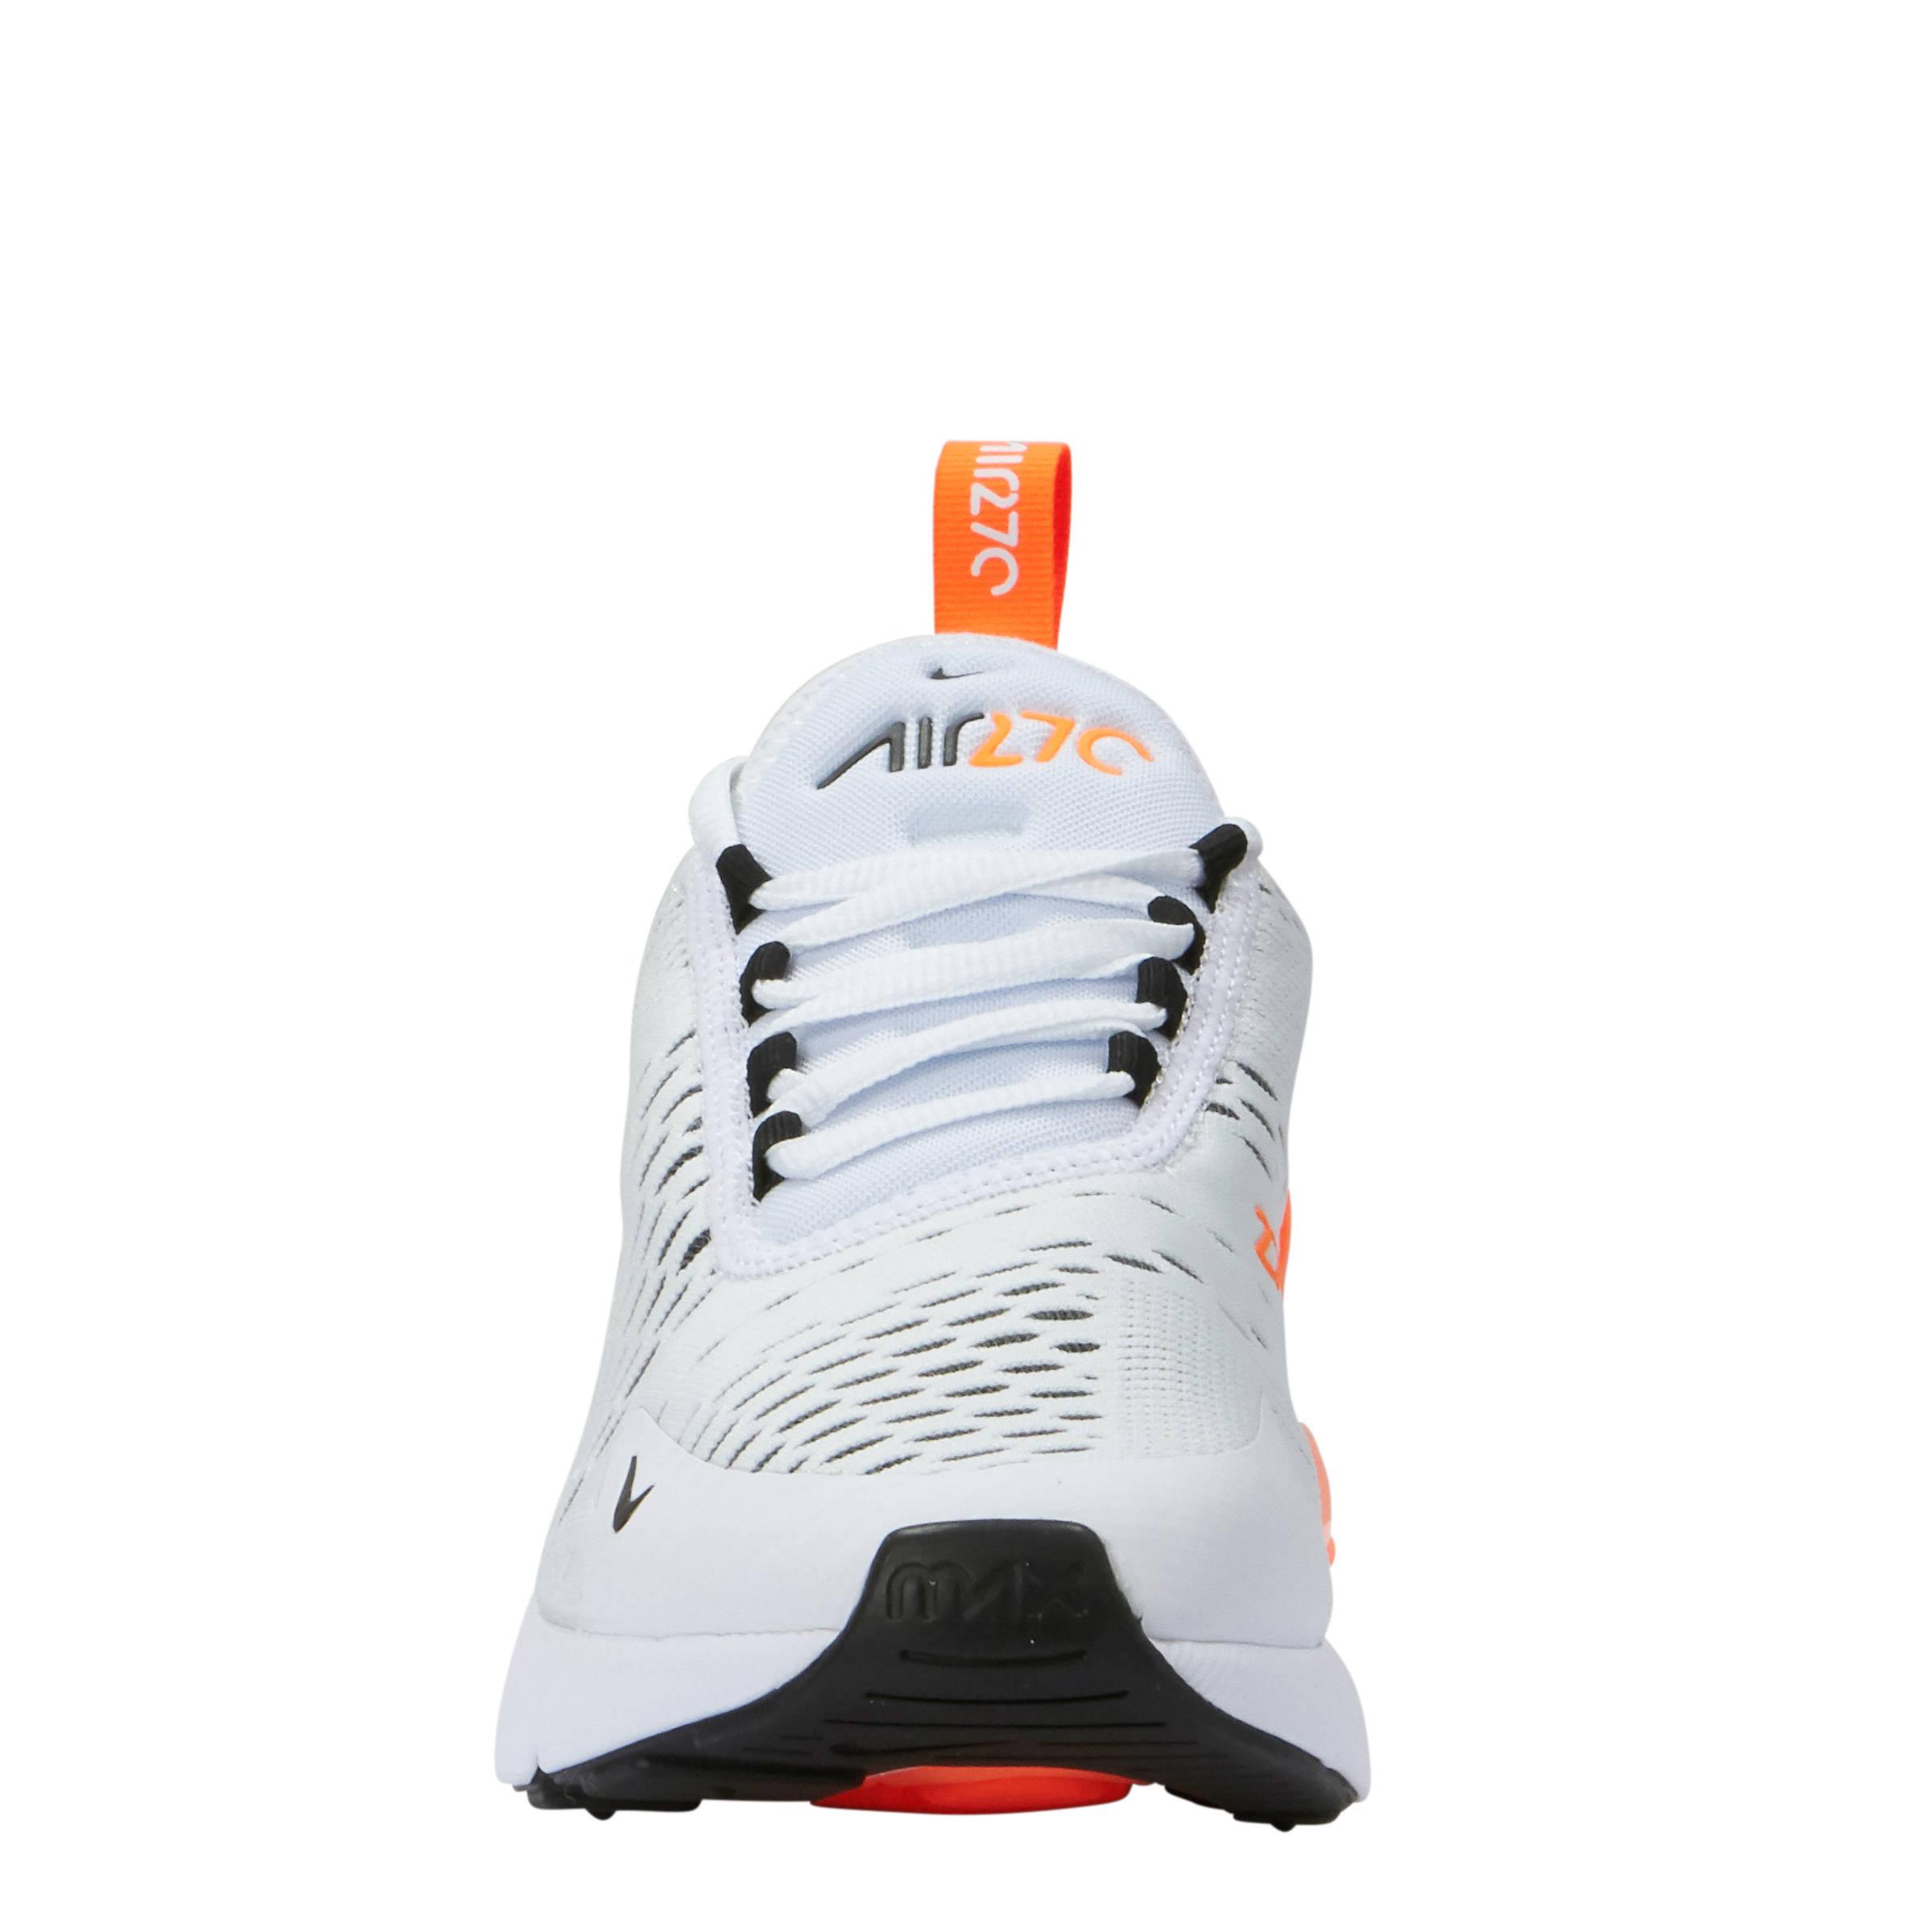 air max 270 wit oranje